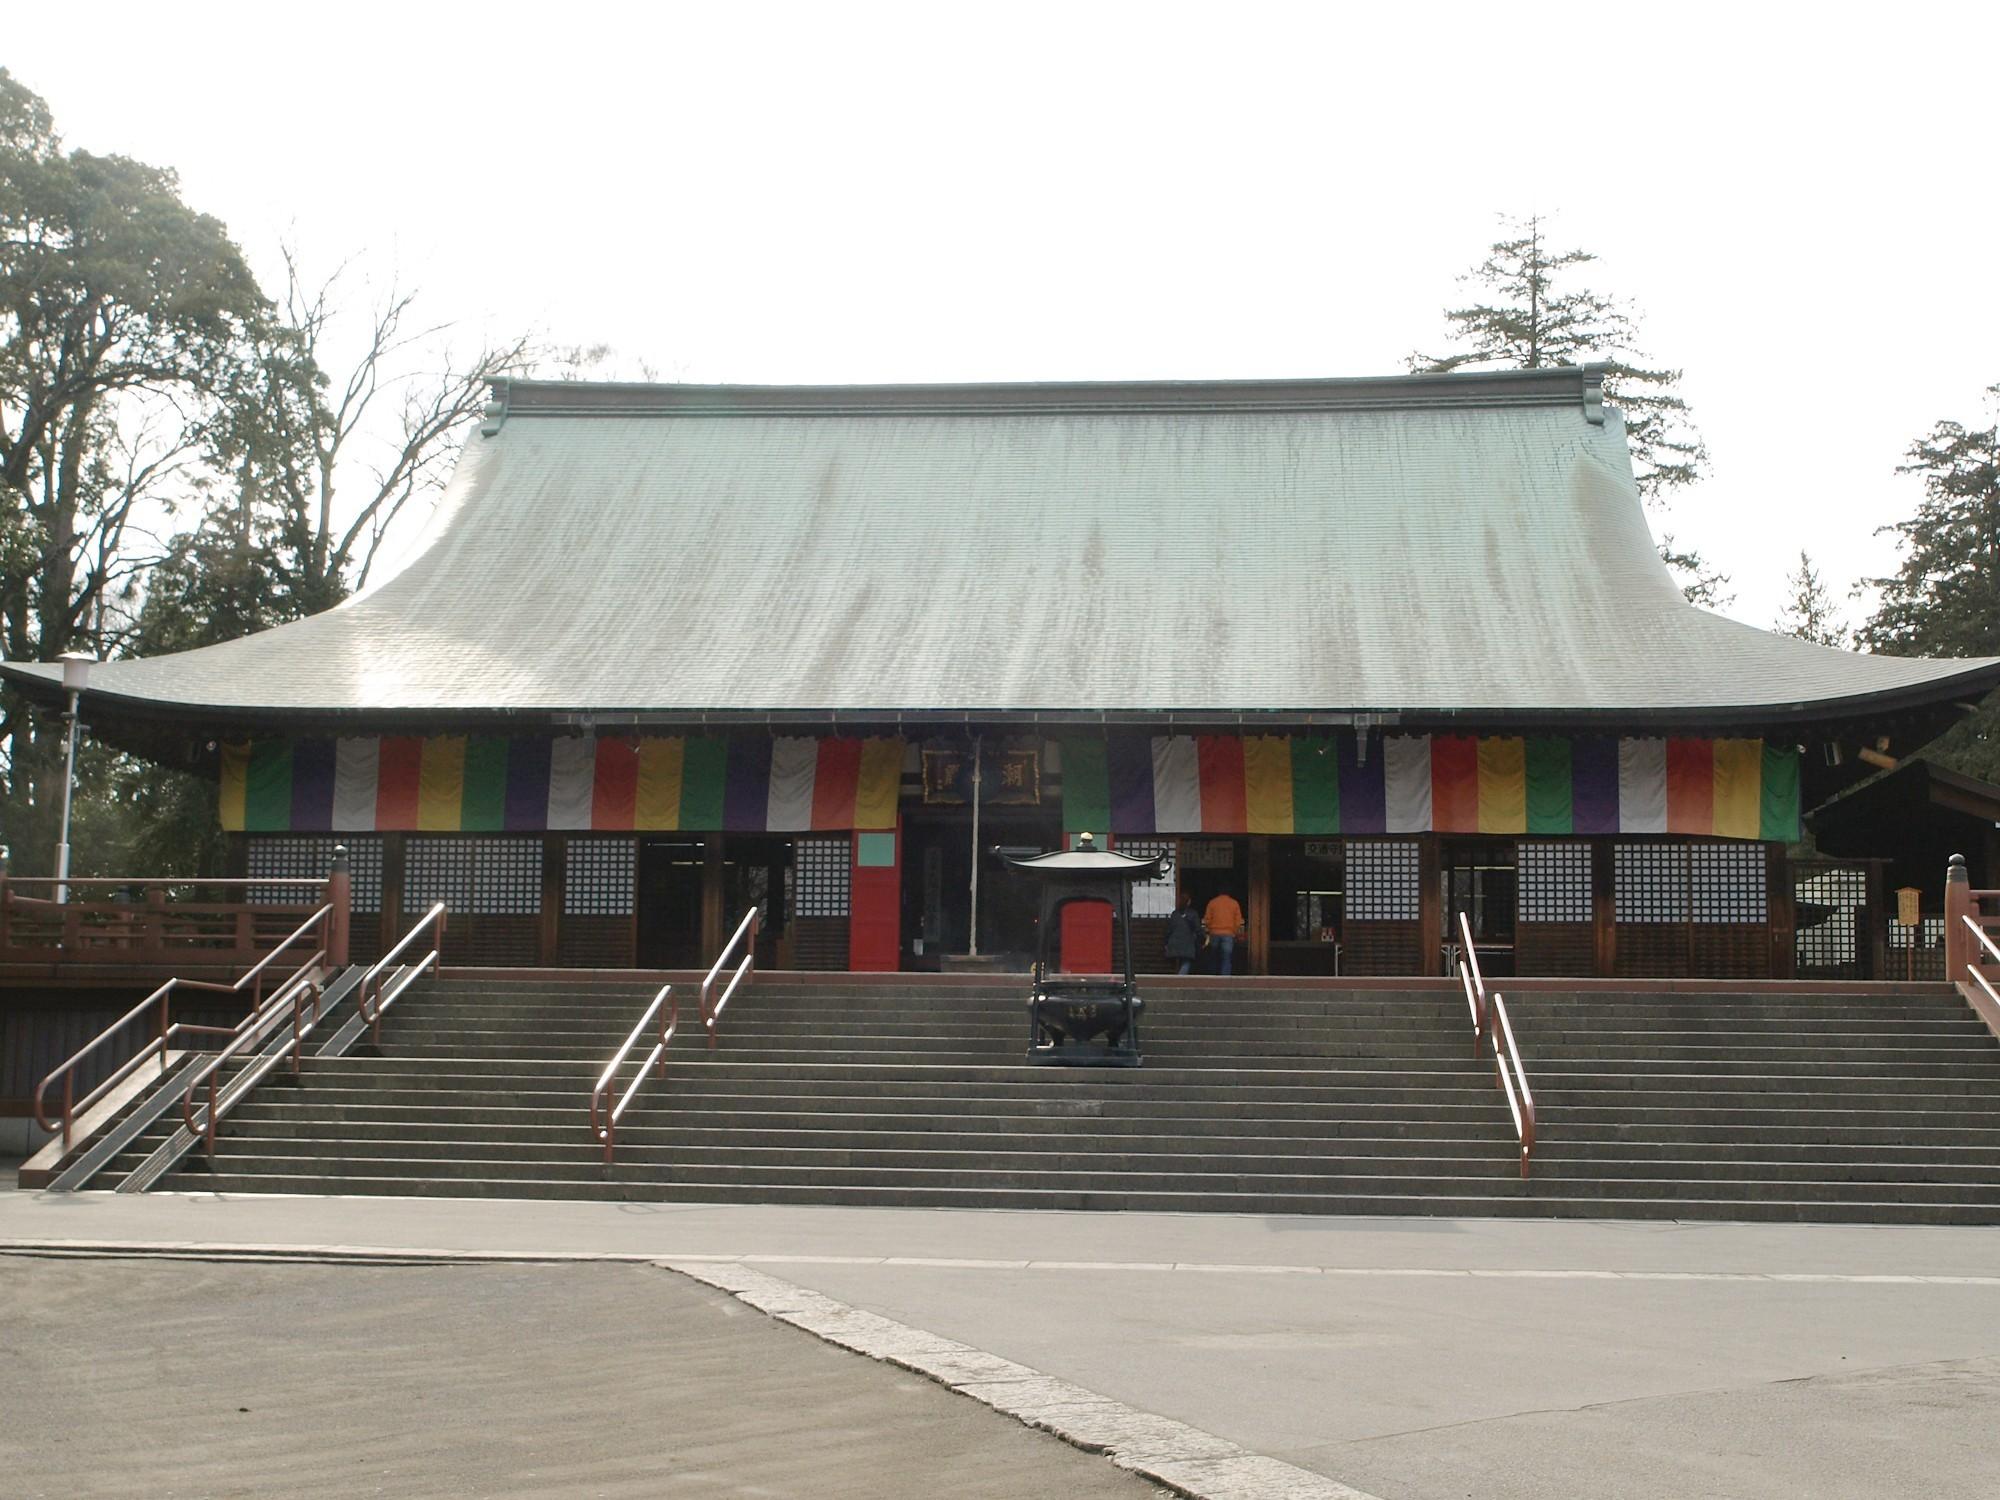 川越観光はココに行けば間違いない!必ず行くべきおすすめ観光スポット15選